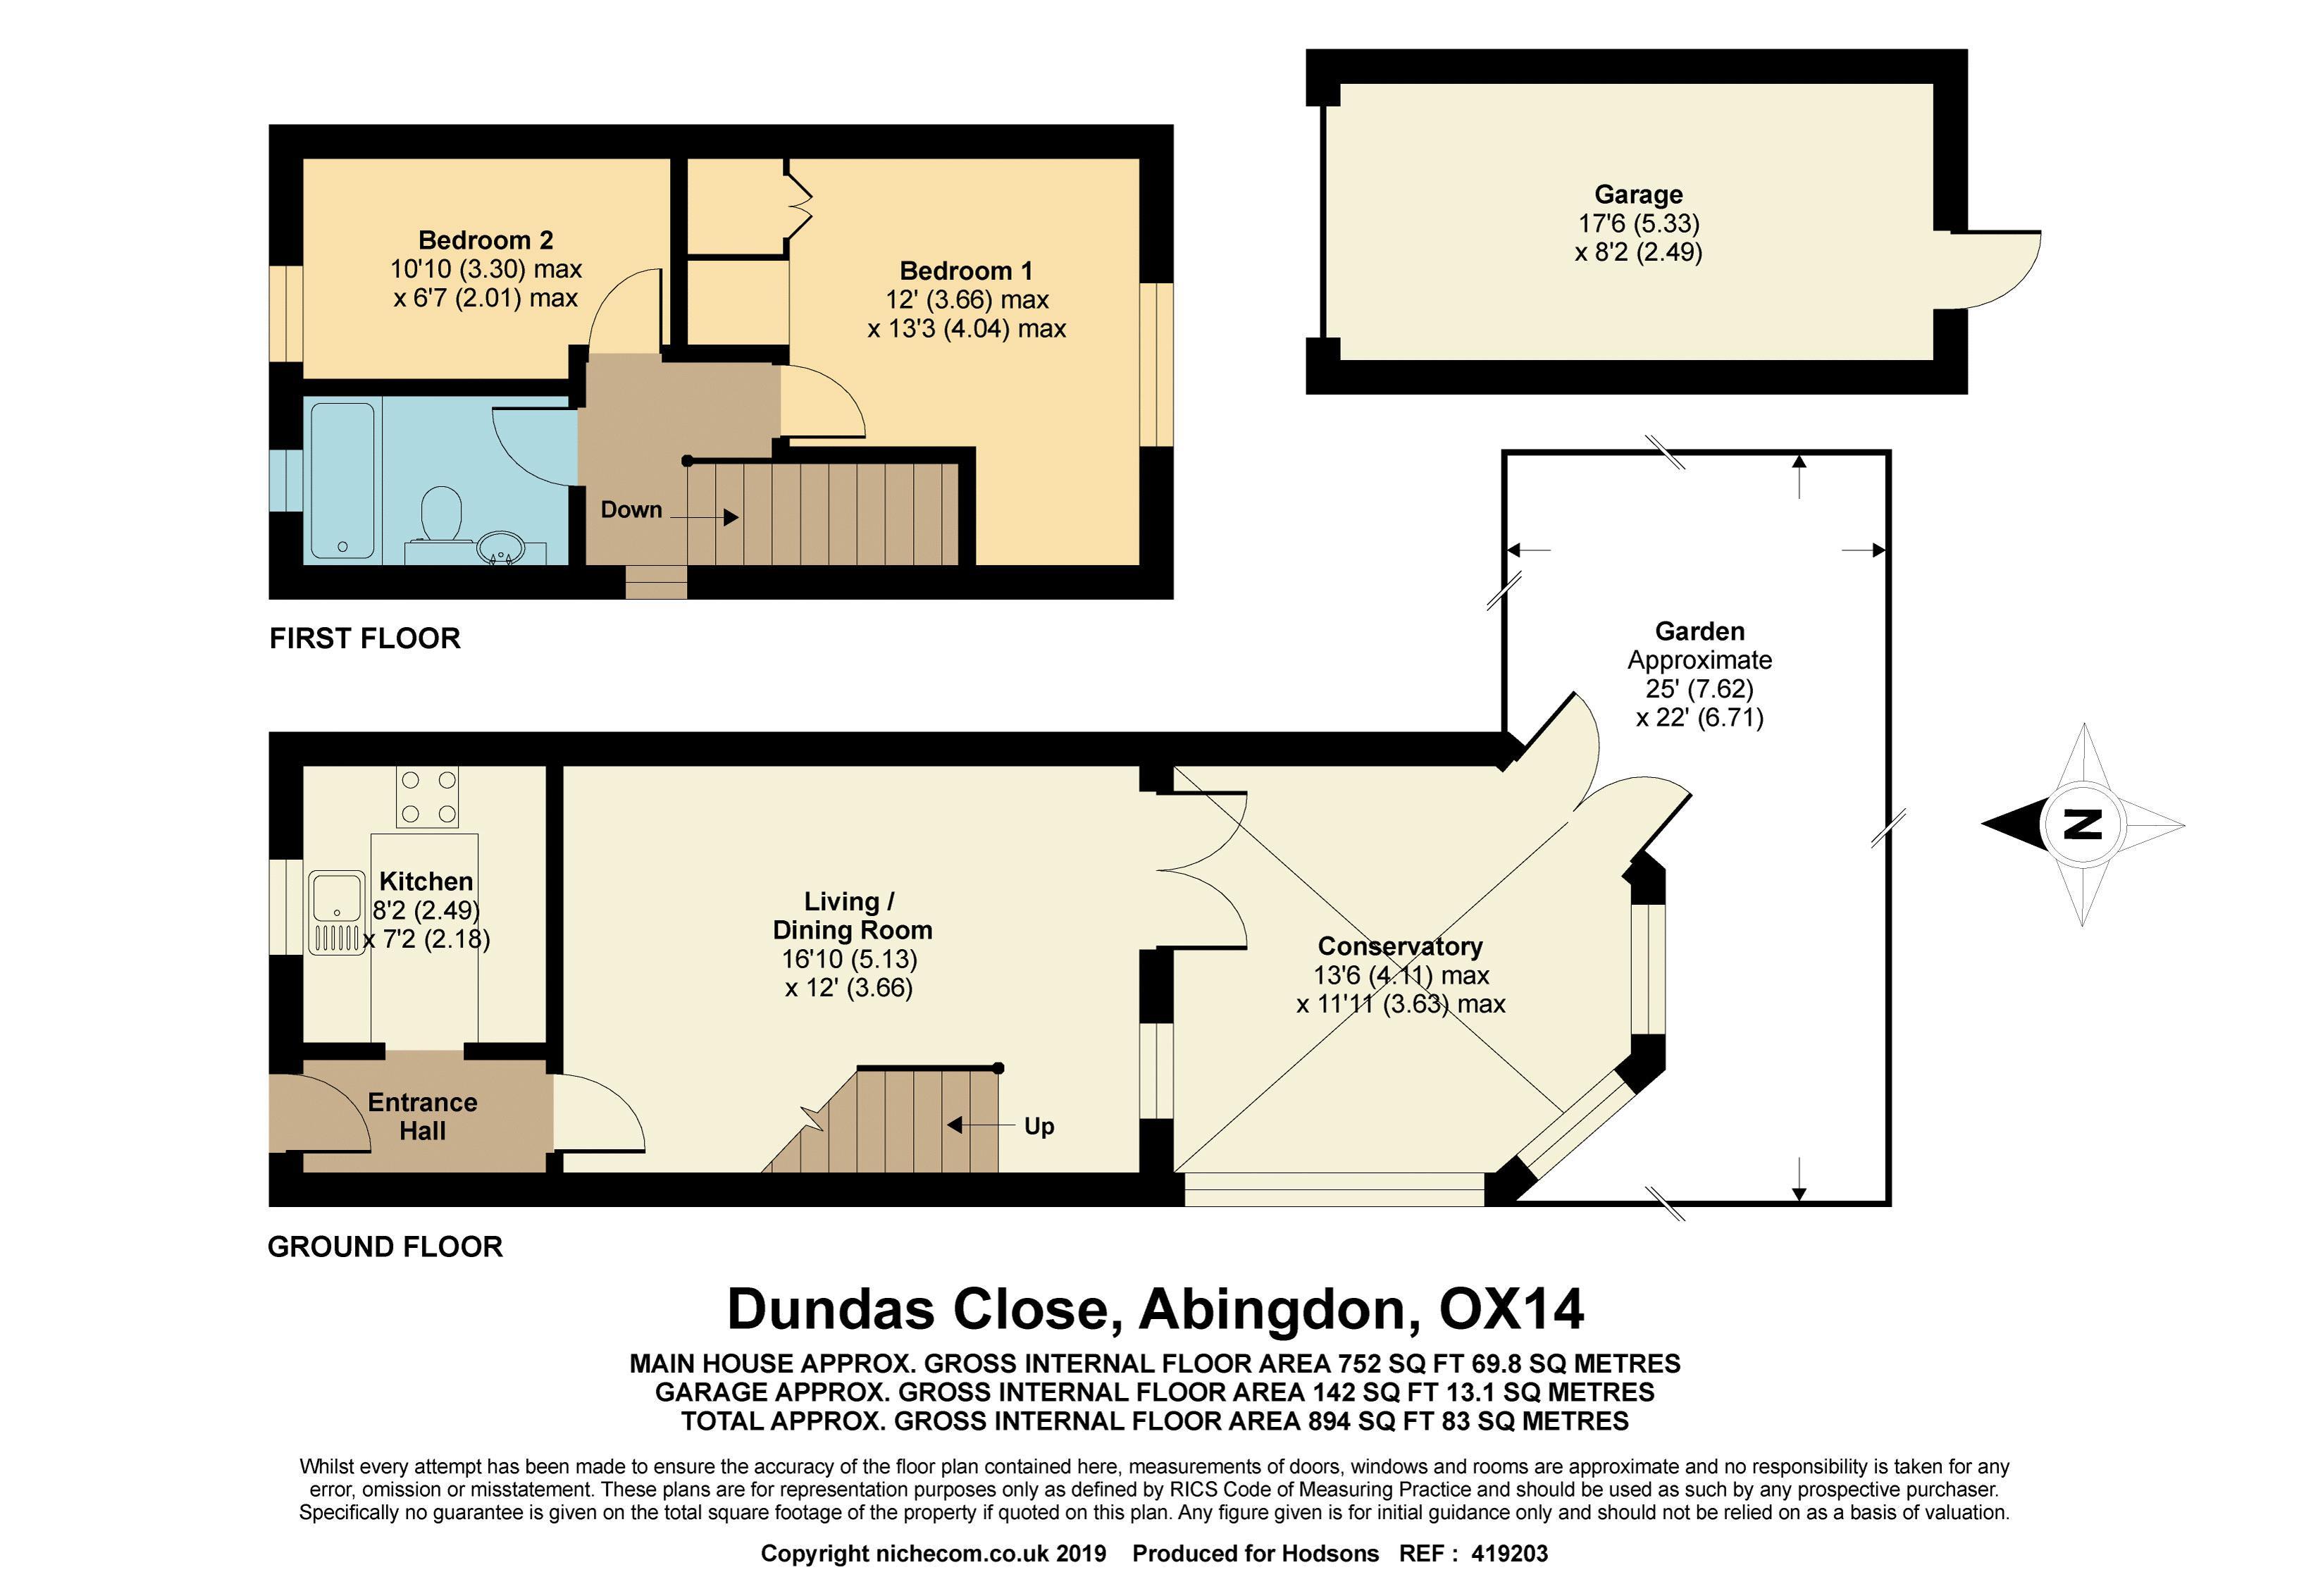 Dundas Close